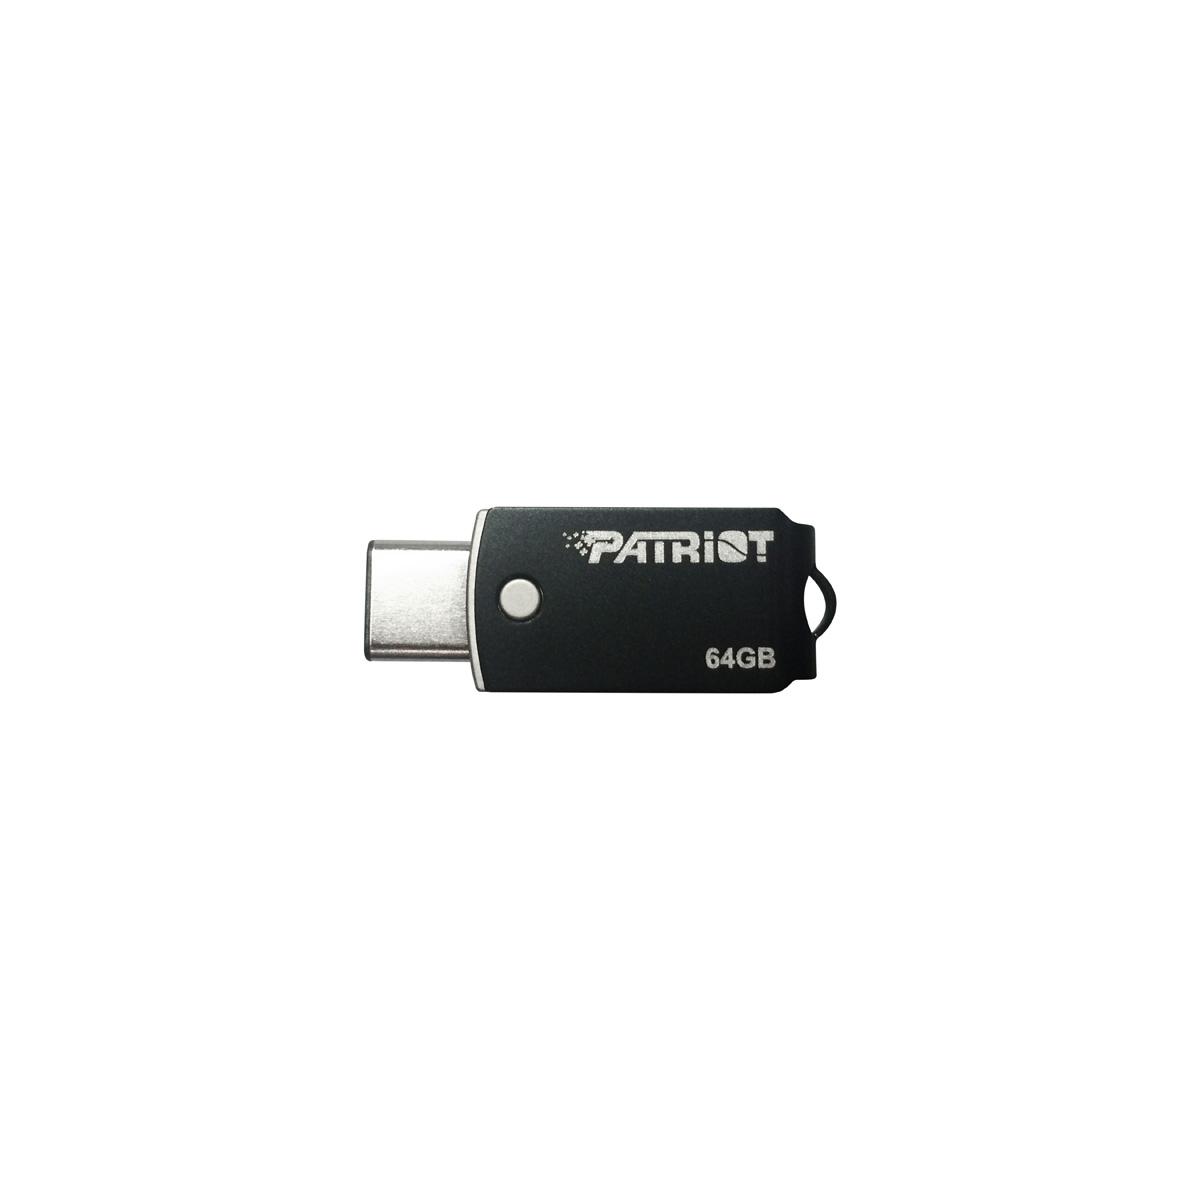 64GB Patriot Stellar USB 3.1 typ C 110/20MBs